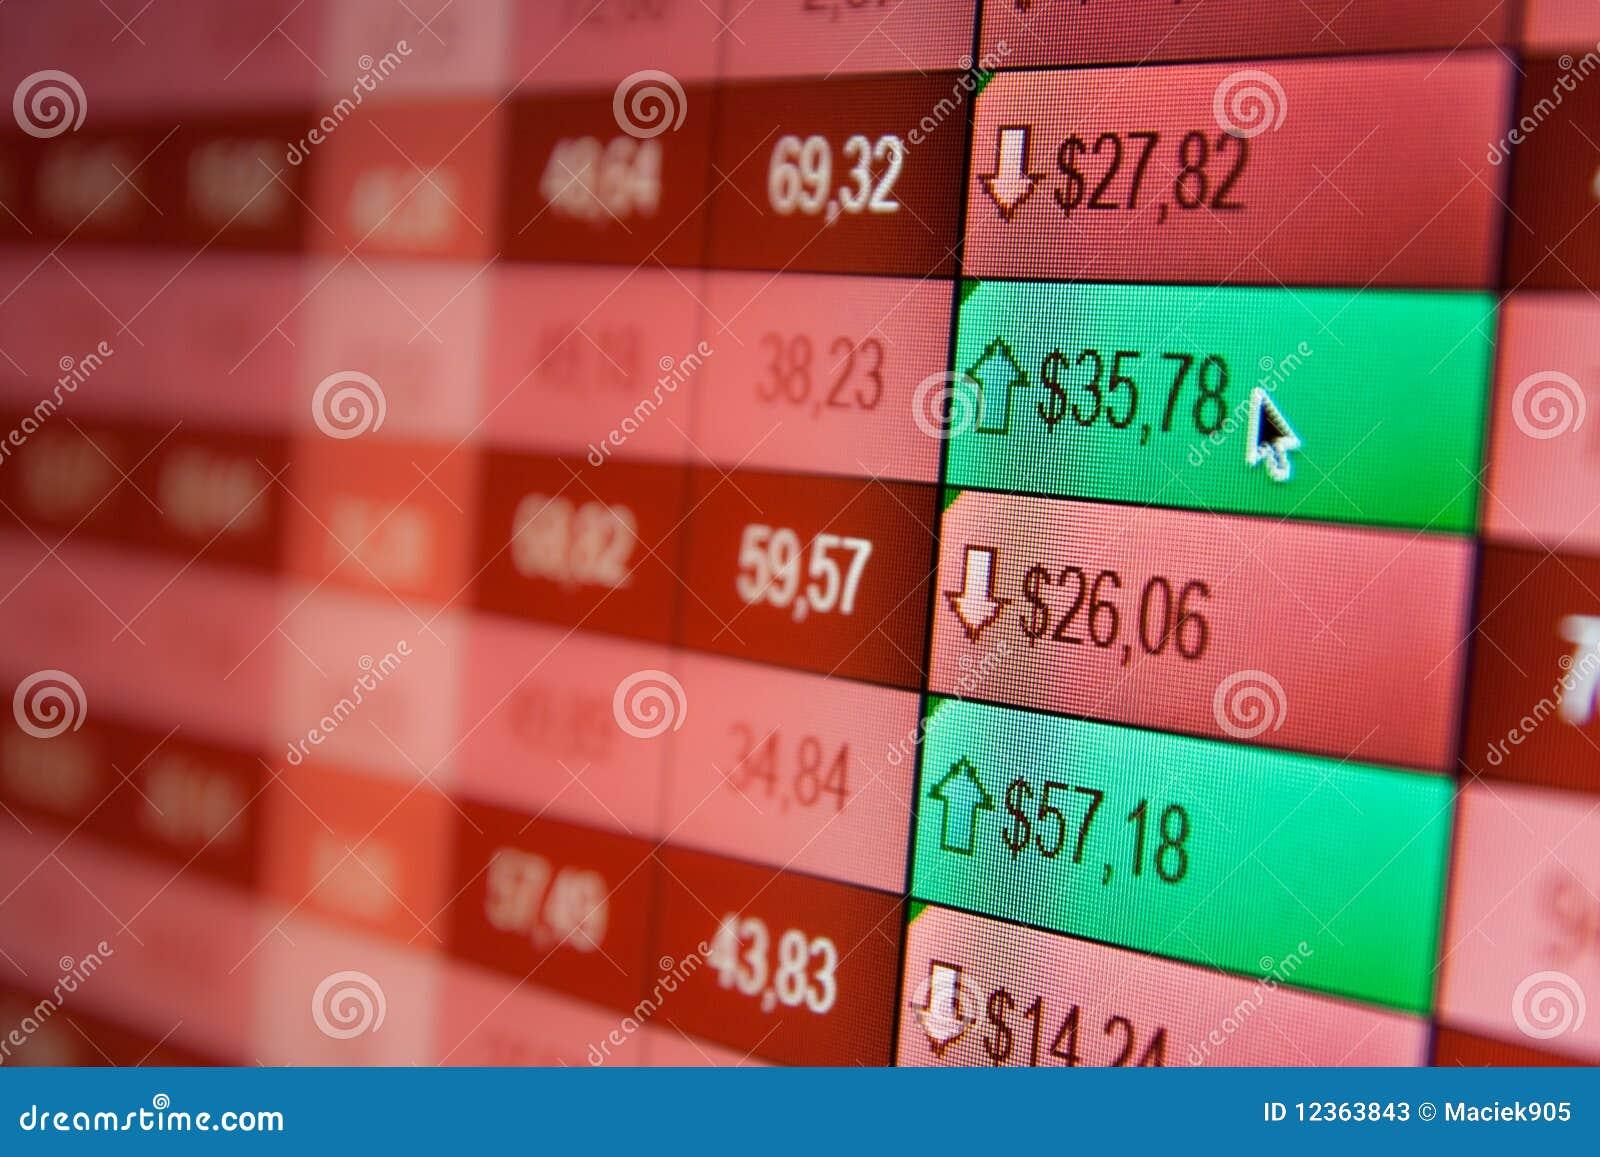 Financial data- online stock exchange